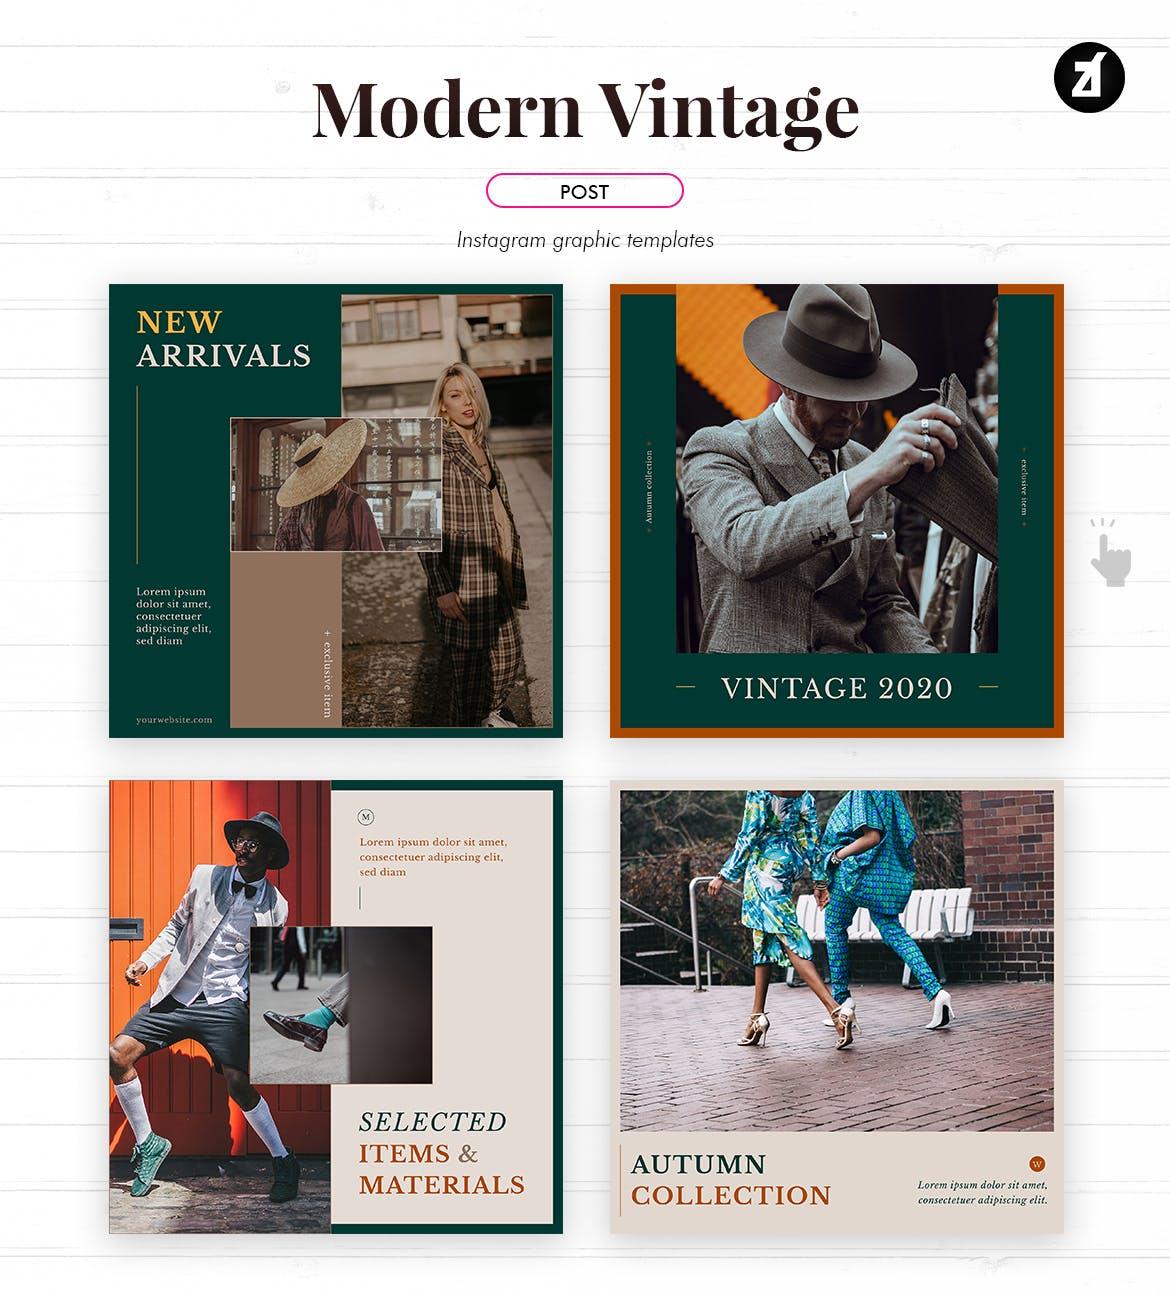 现代复古服装品牌推广新媒体电商海报PSD模板 Modern Vintage Social Media Graphic Templates插图1